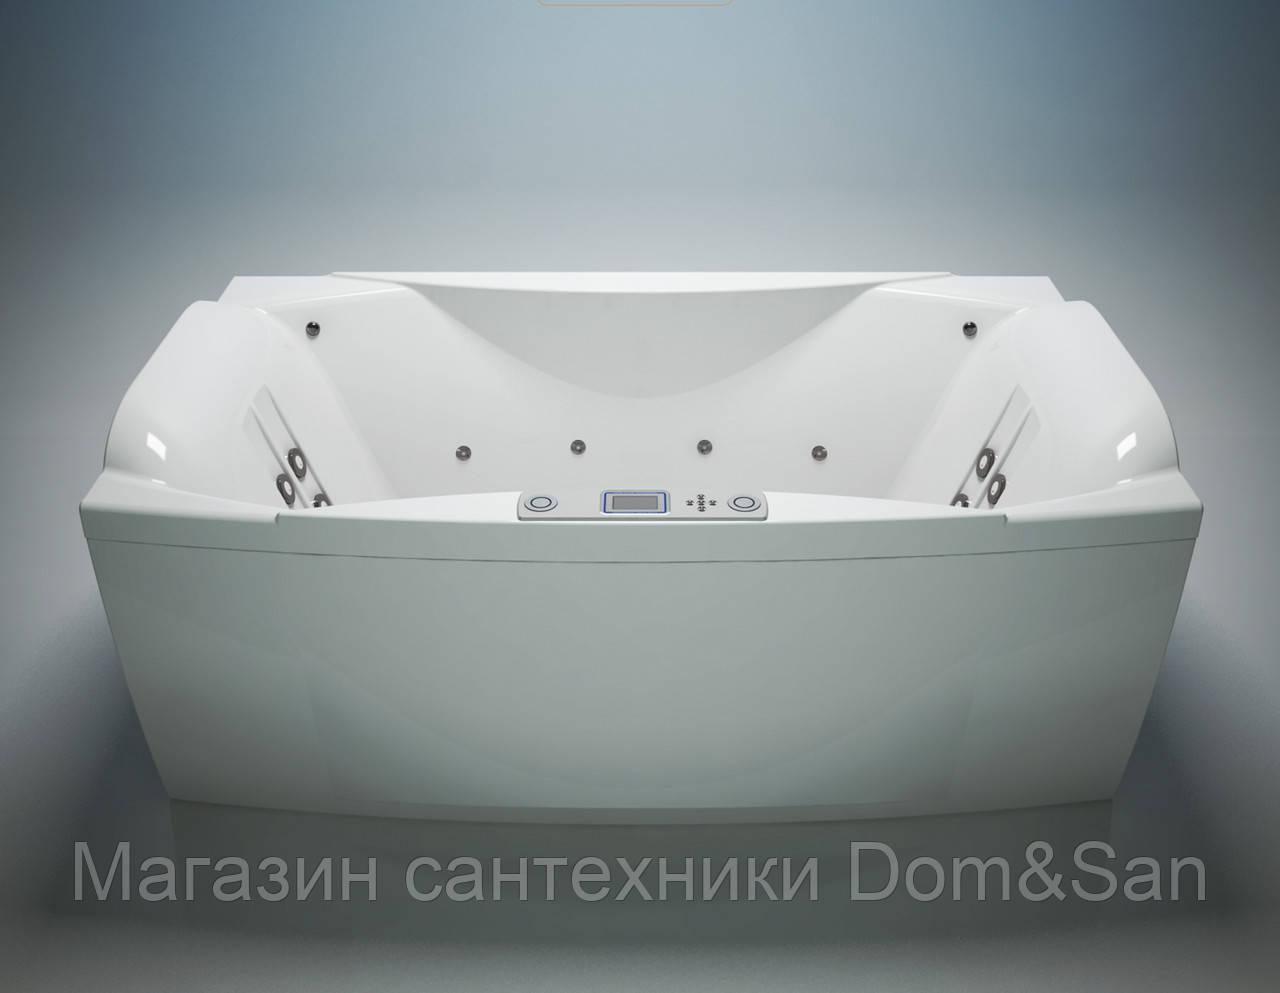 Гидромассажная ванна WGT Feeling Up 1800х1050 мм комплектация Easy+Hydro&Aero